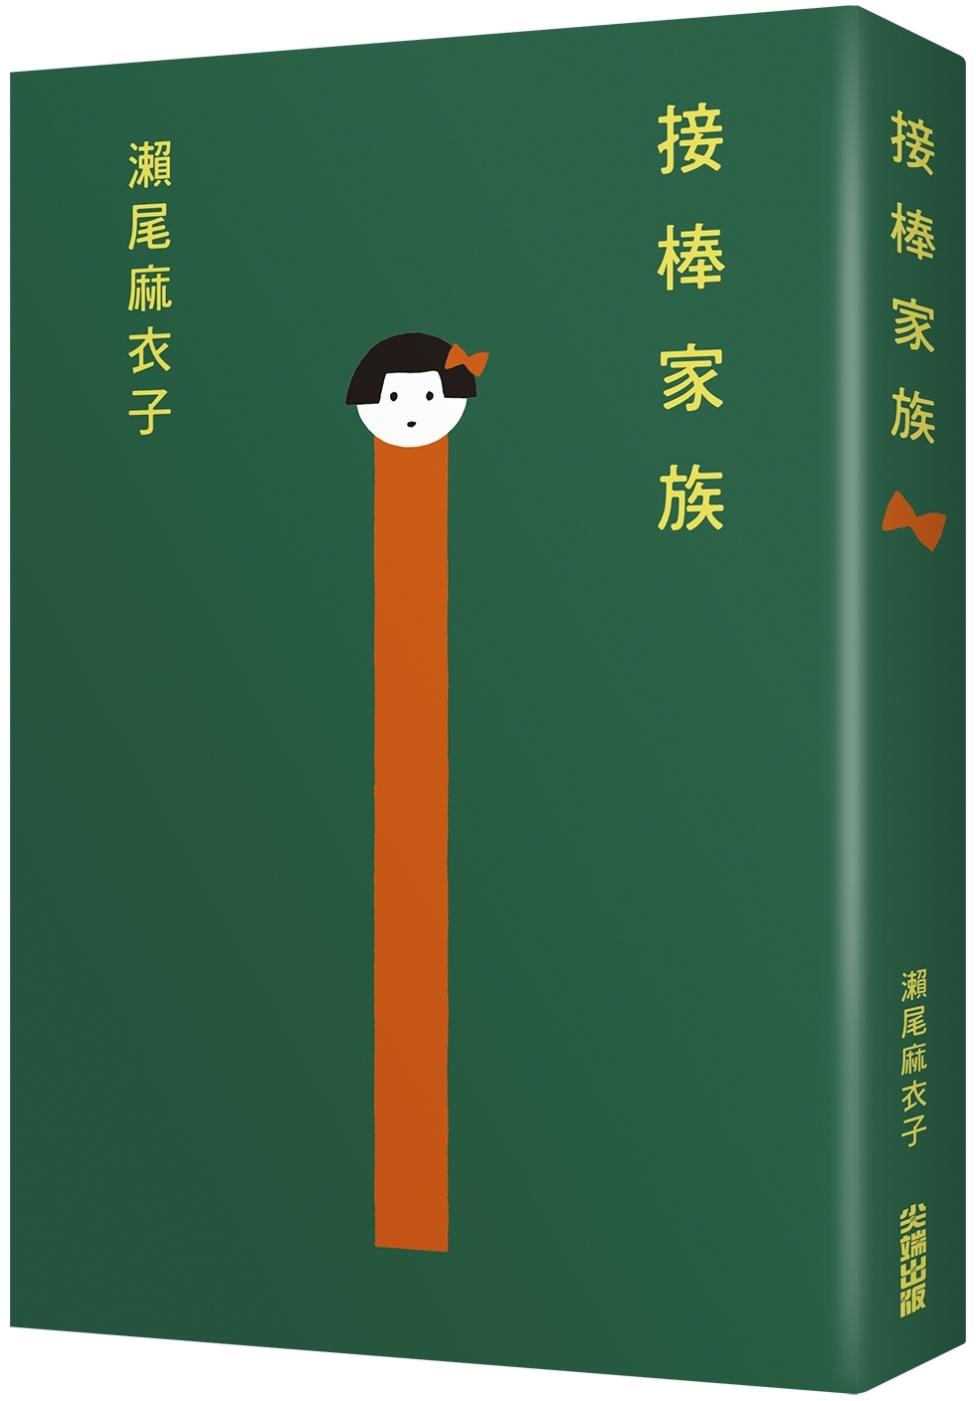 接棒家族【本屋大賞TOP1冠軍】